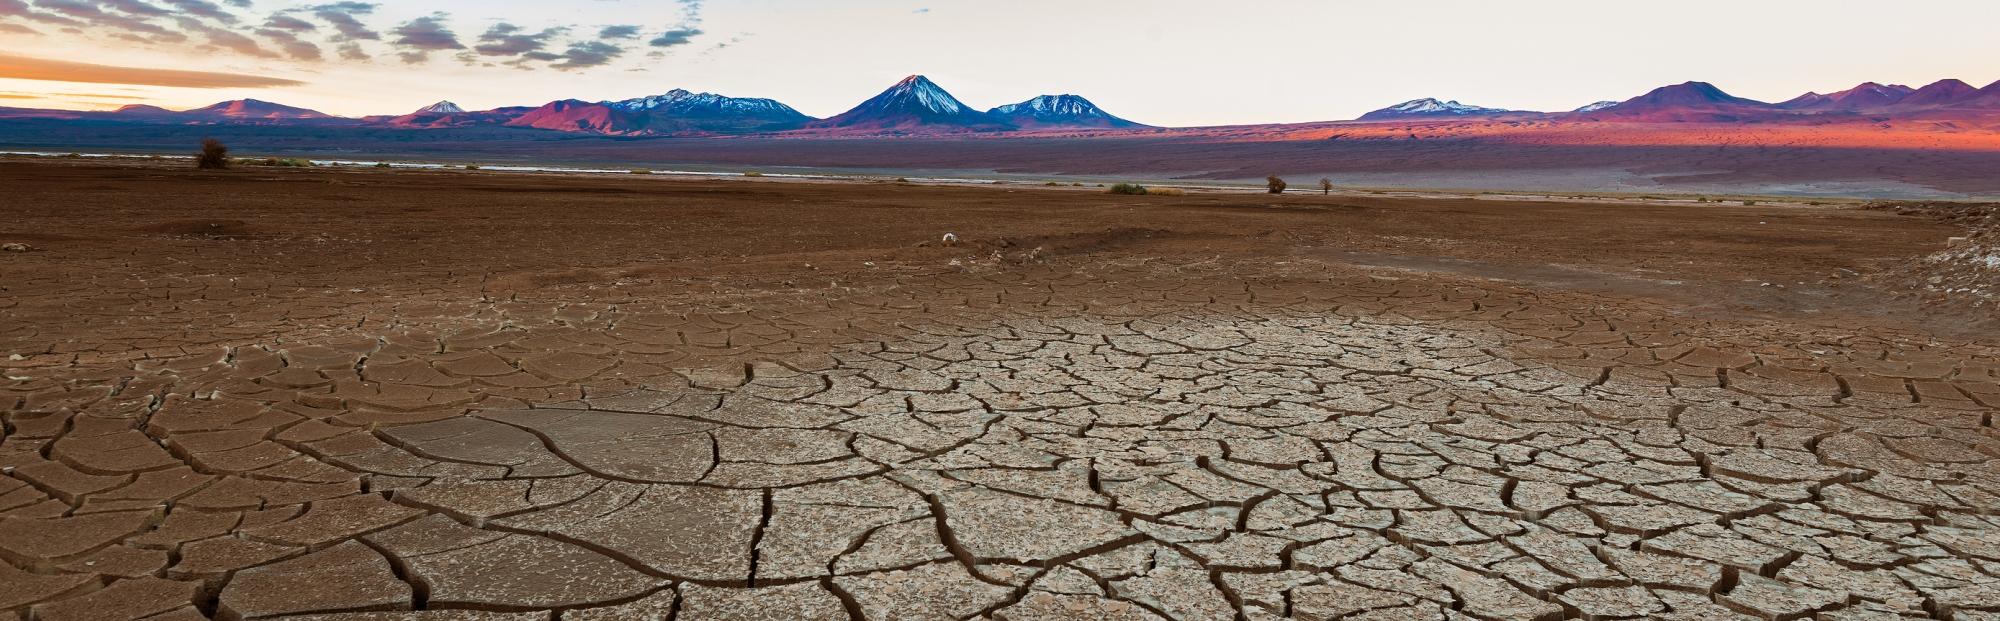 Atacama desert Mediviatges